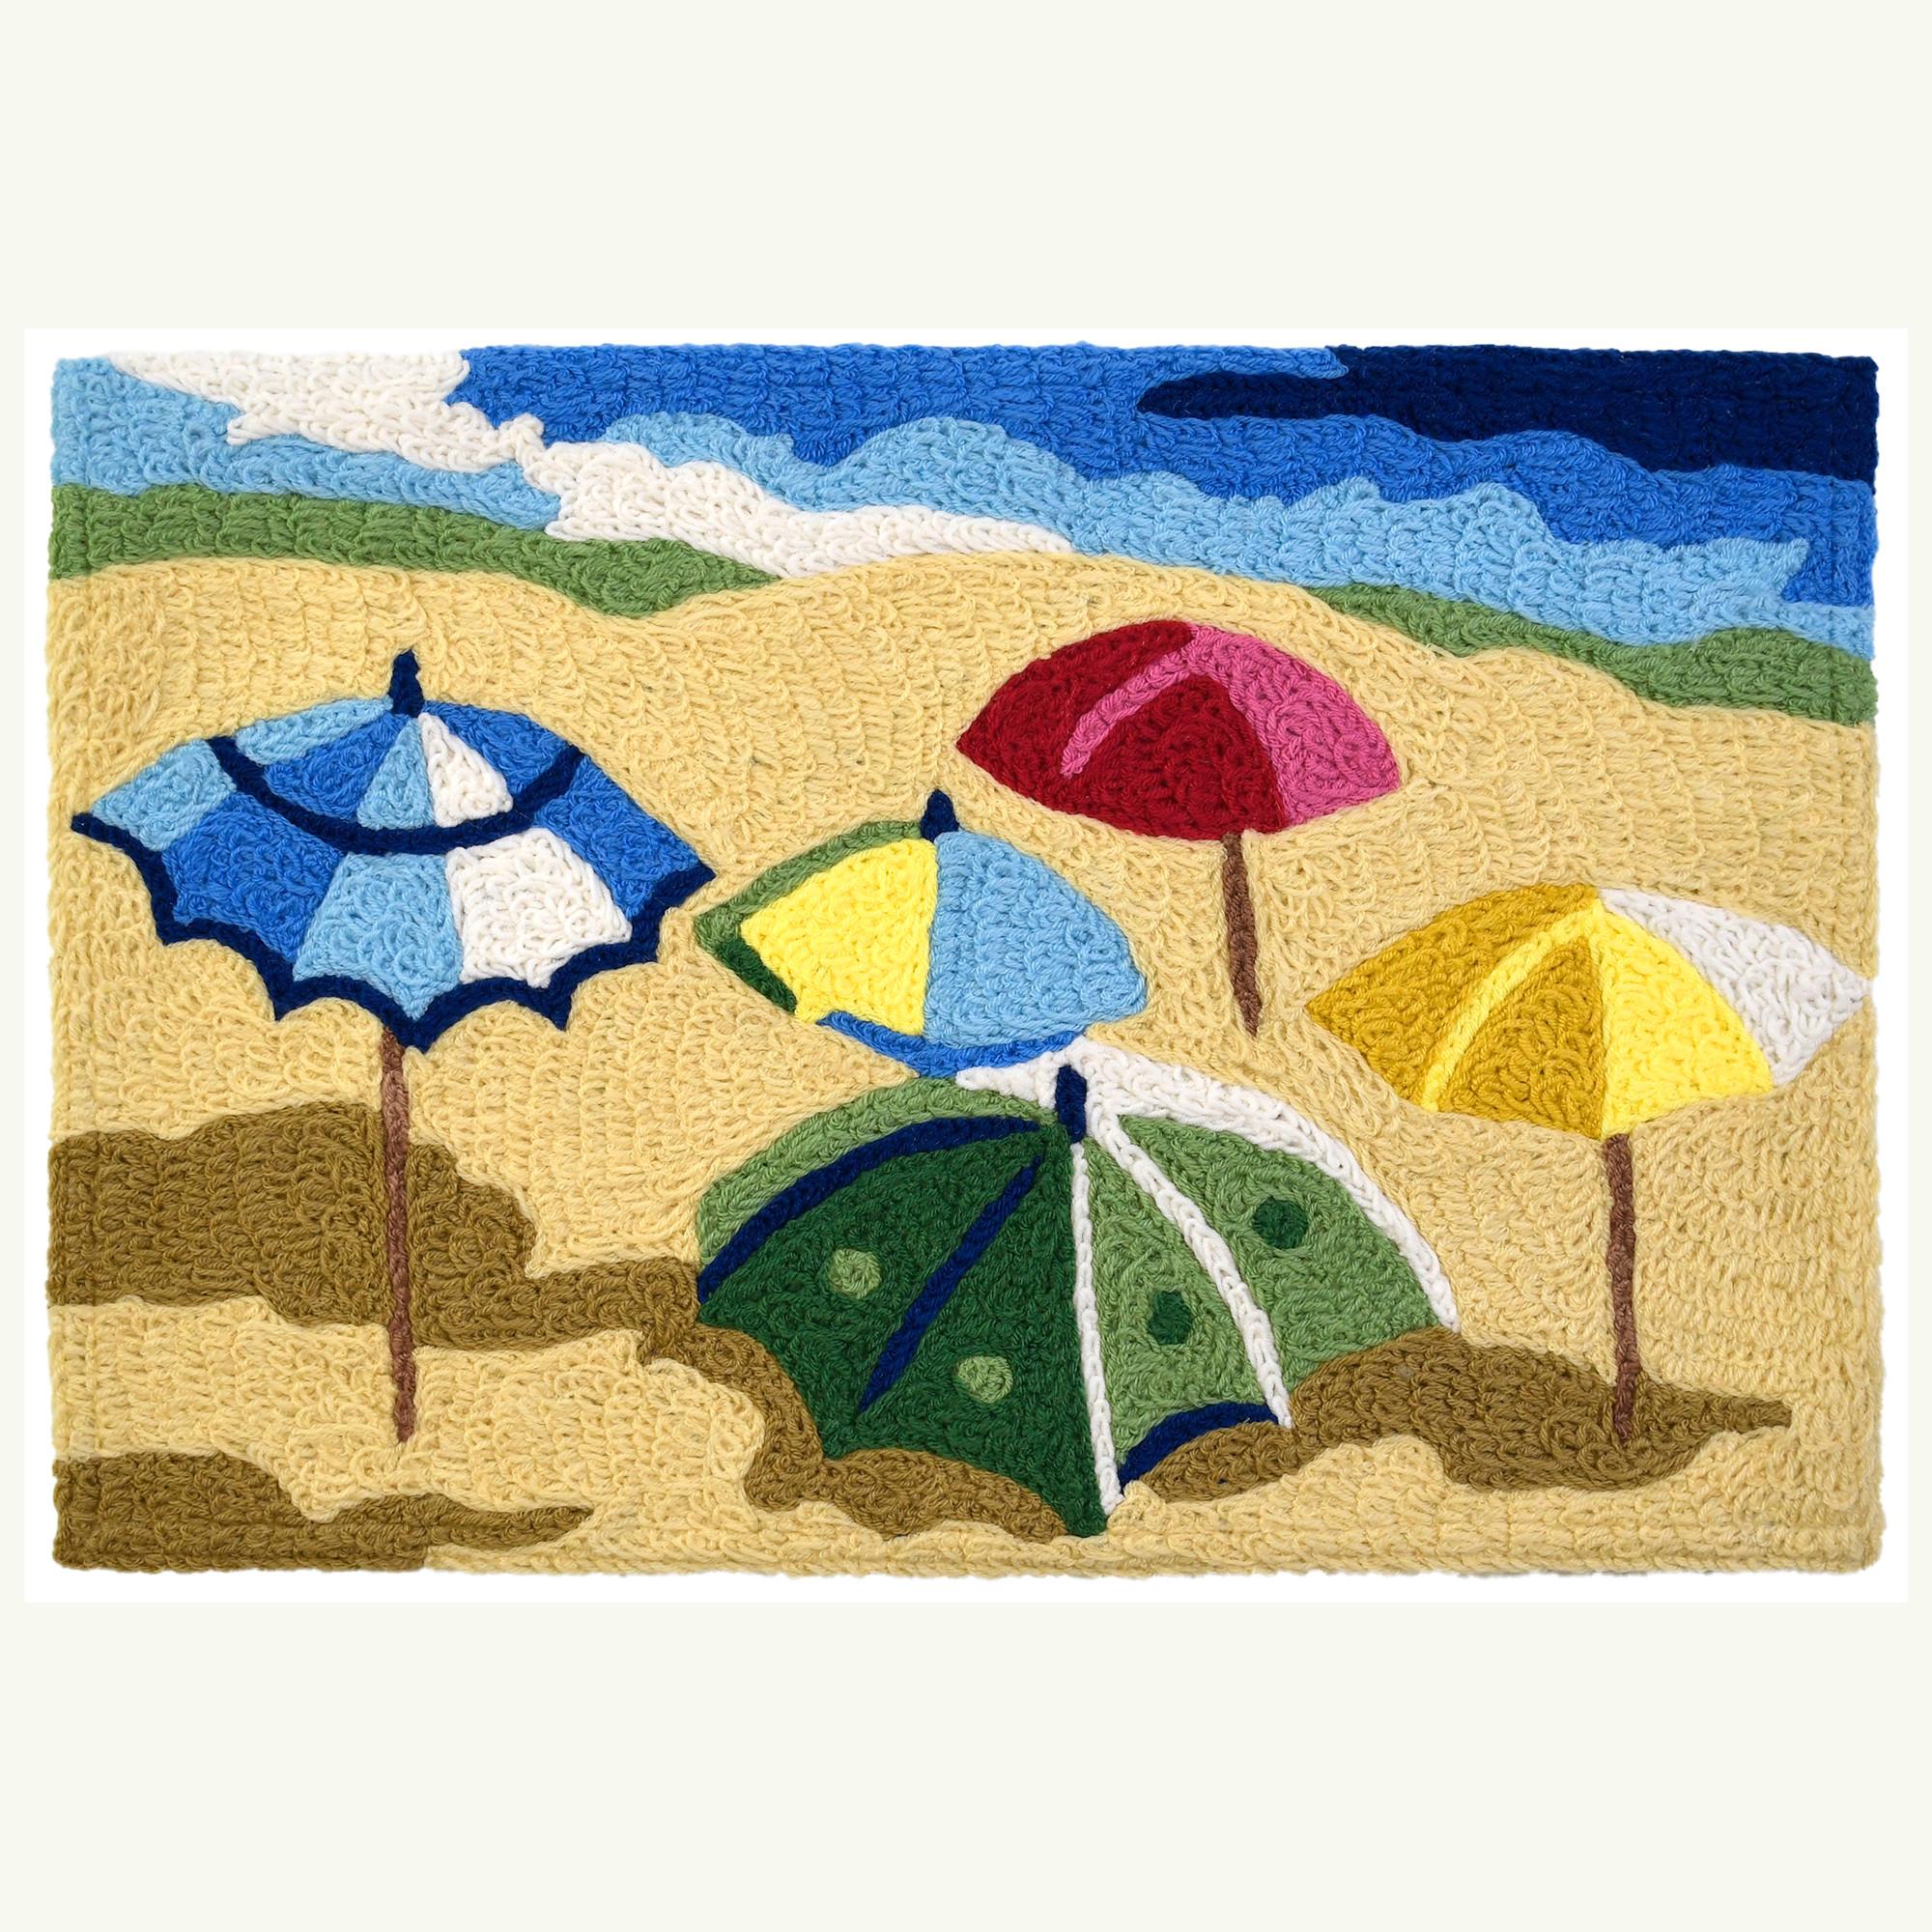 Water's Edge Umbrellas